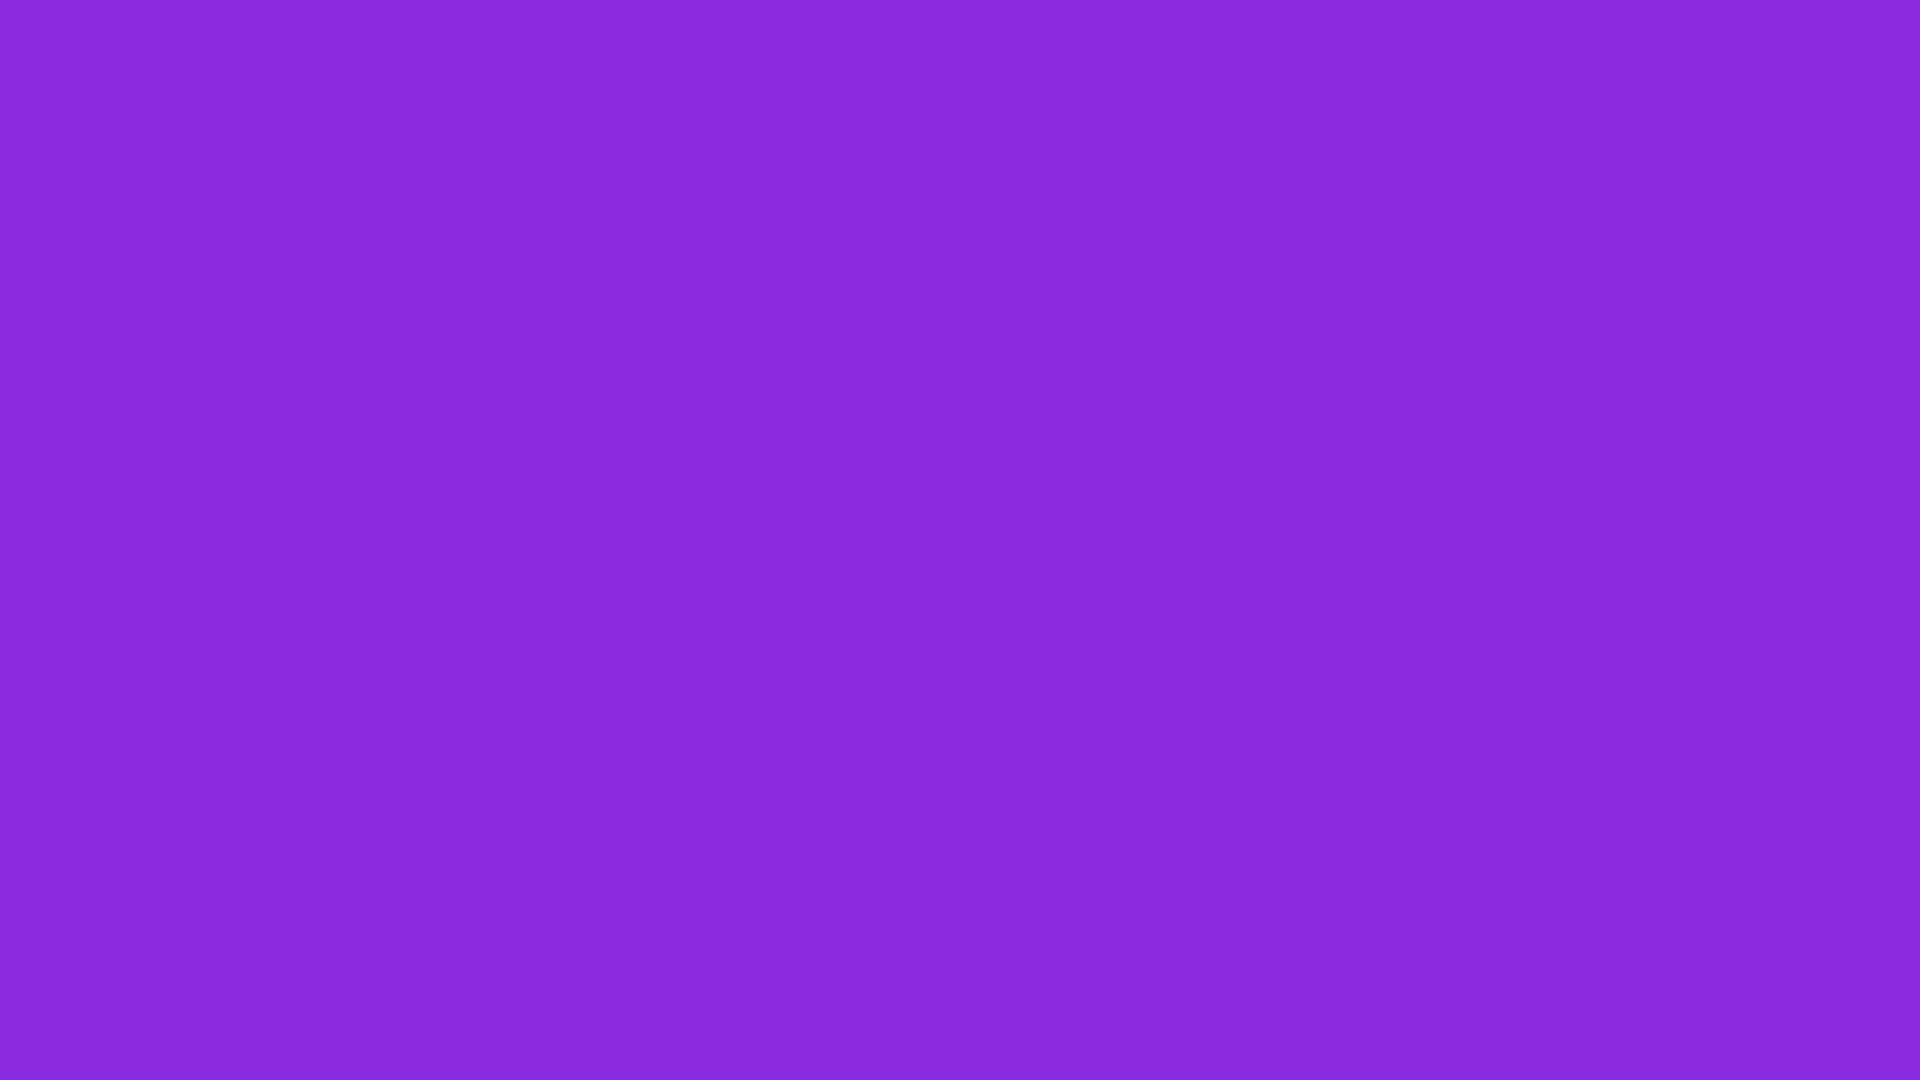 1920x1080 Blue-violet Solid Color Background